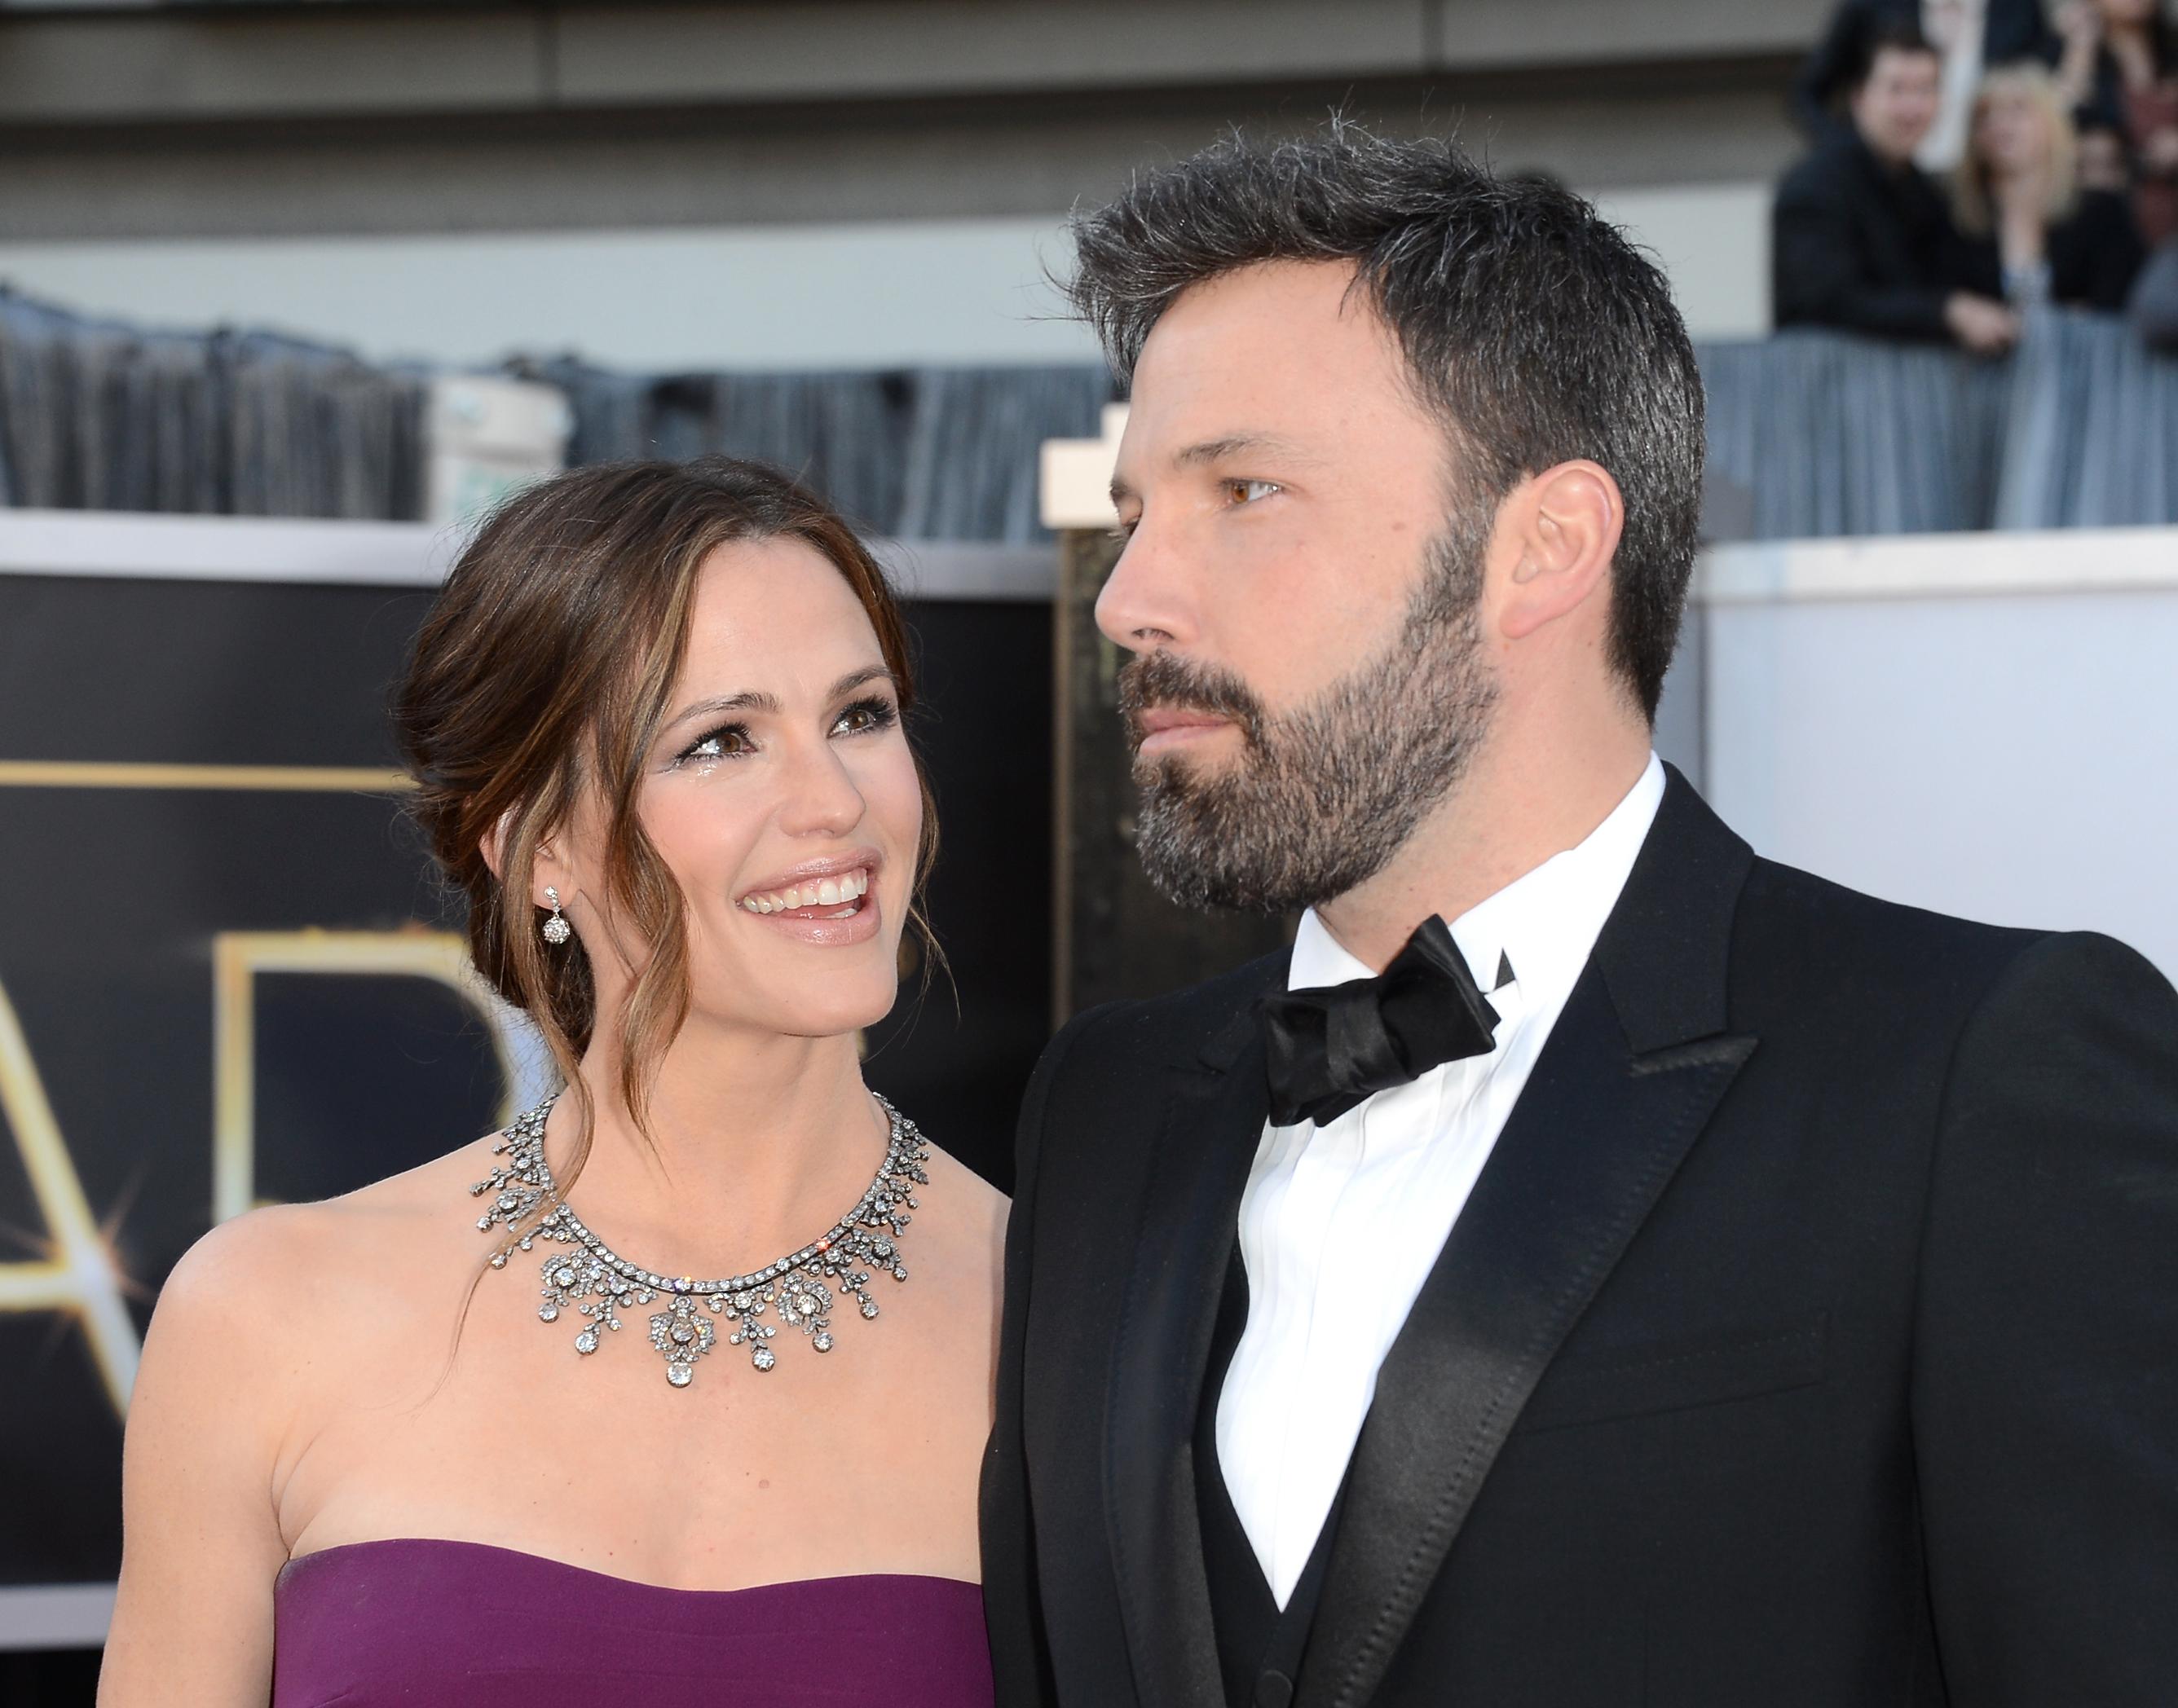 Ben Affleck Jennifer Garner Getty Images